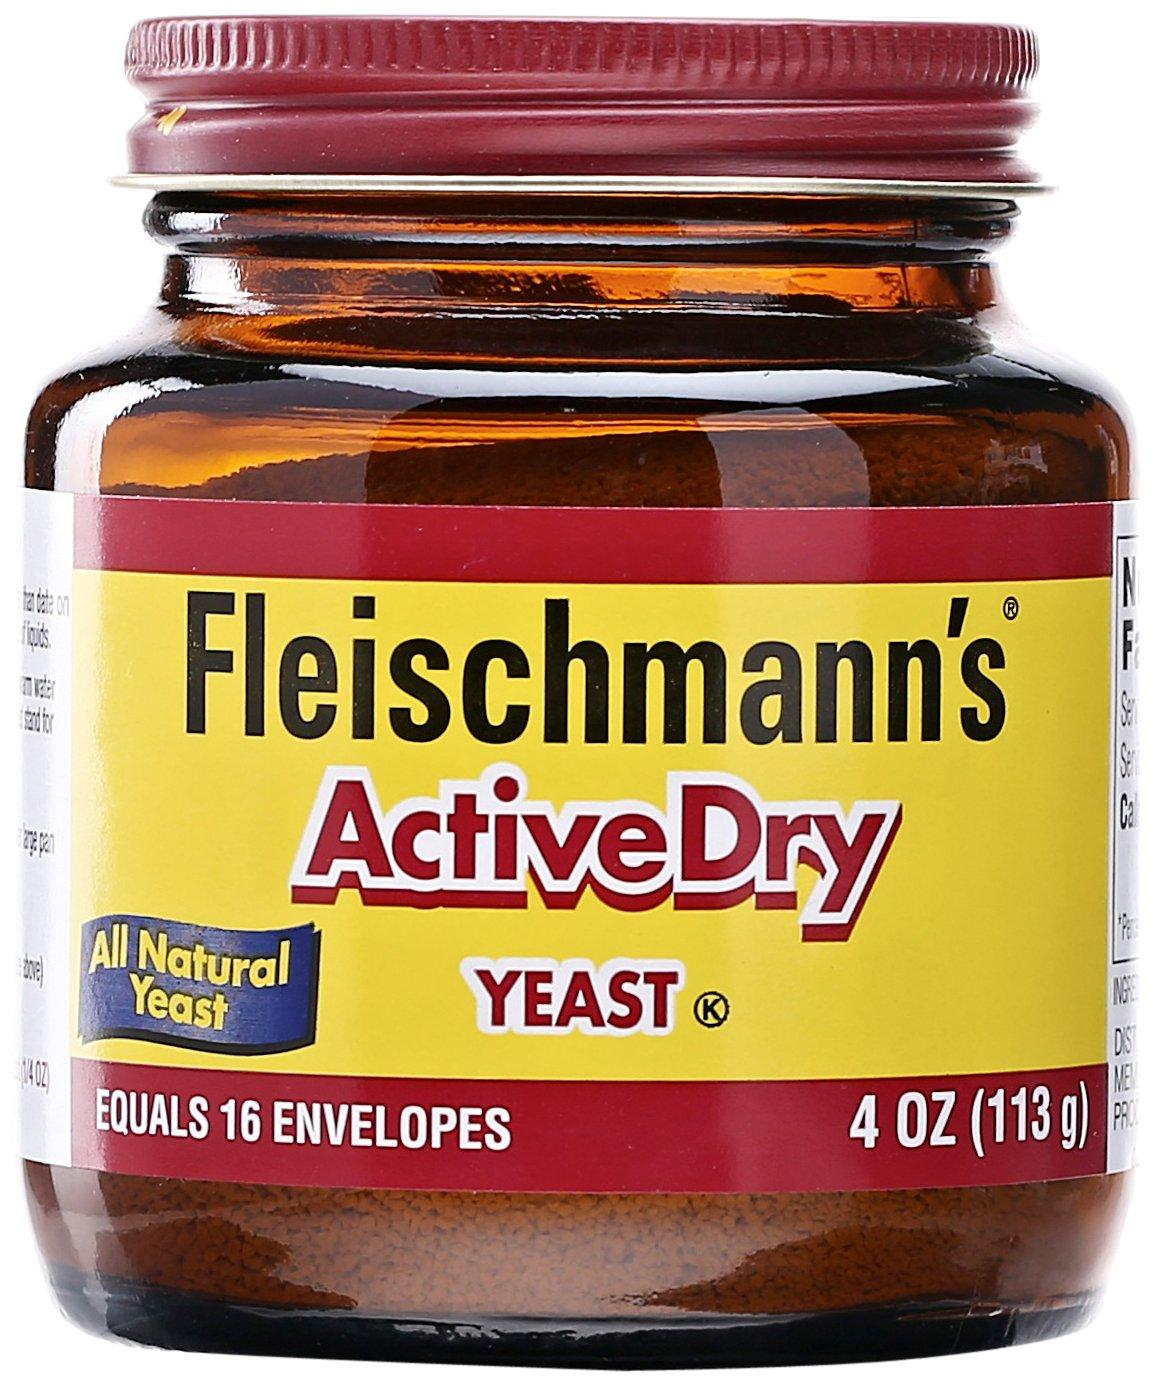 Fleischmann's, Active Dry Yeast, 4 oz